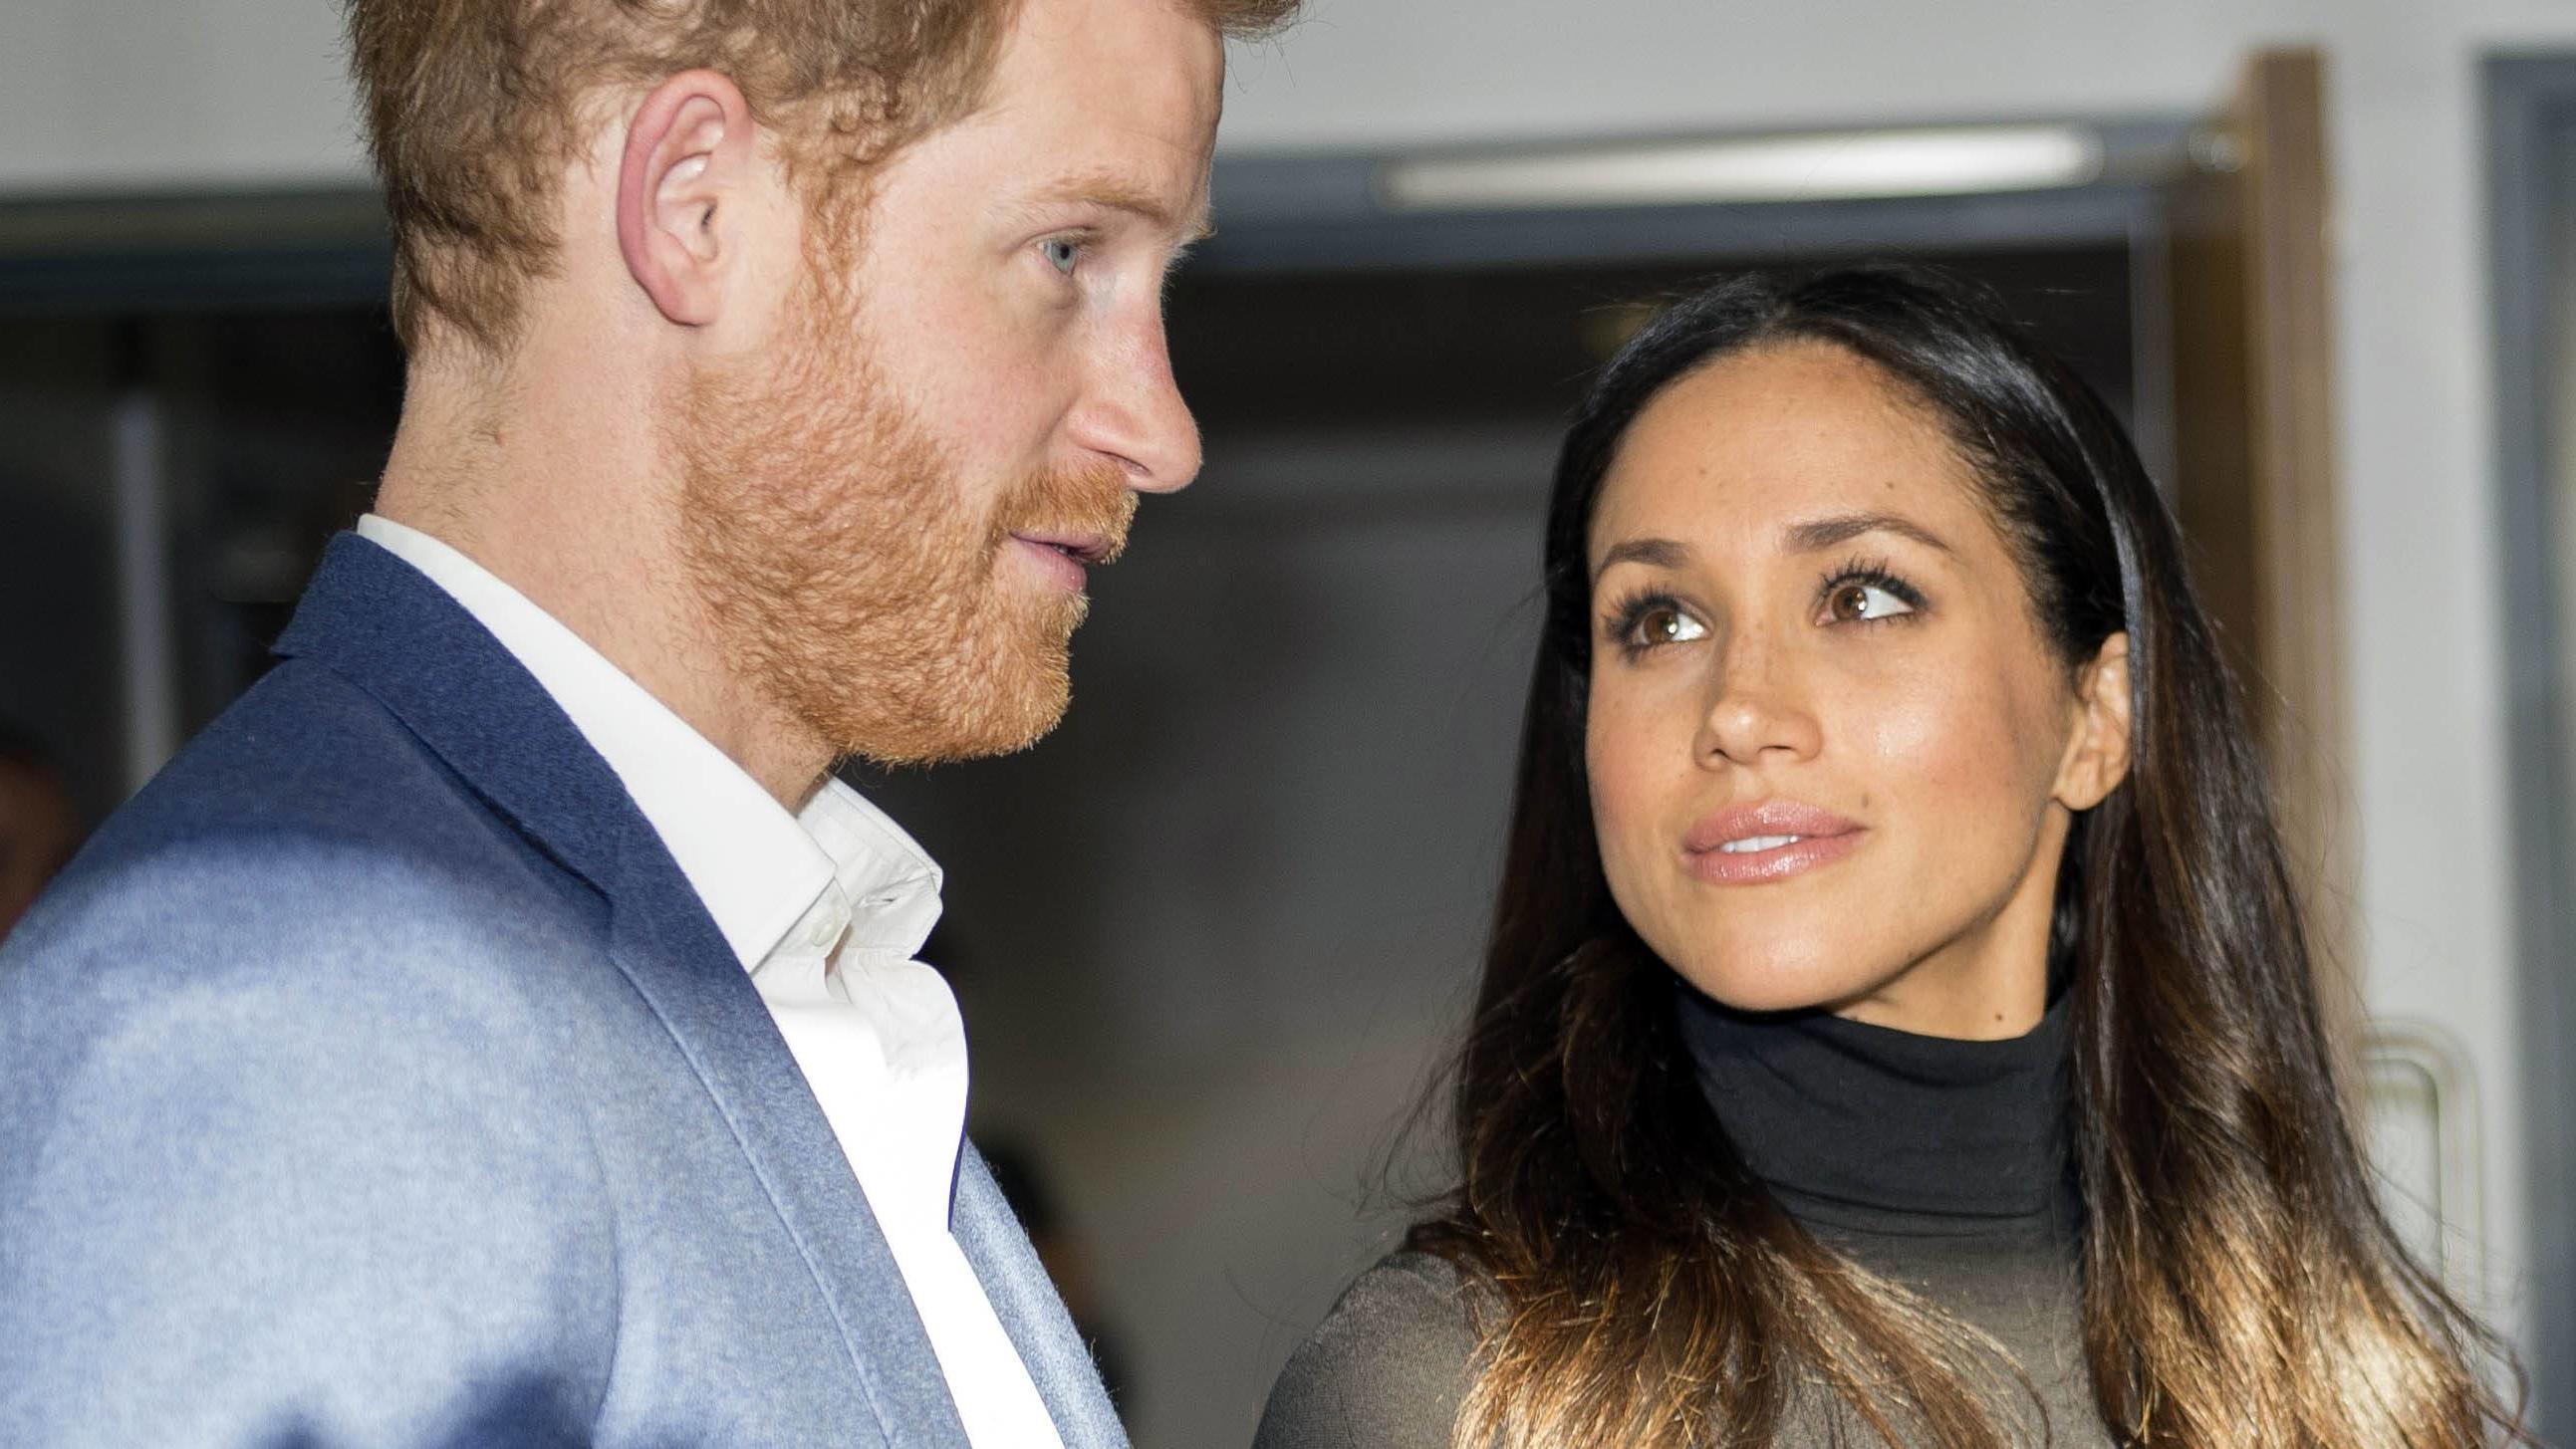 Vor der Hochzeit mit Prinz Harry Meghan Markle muss AntiGeiselTraining absolvieren